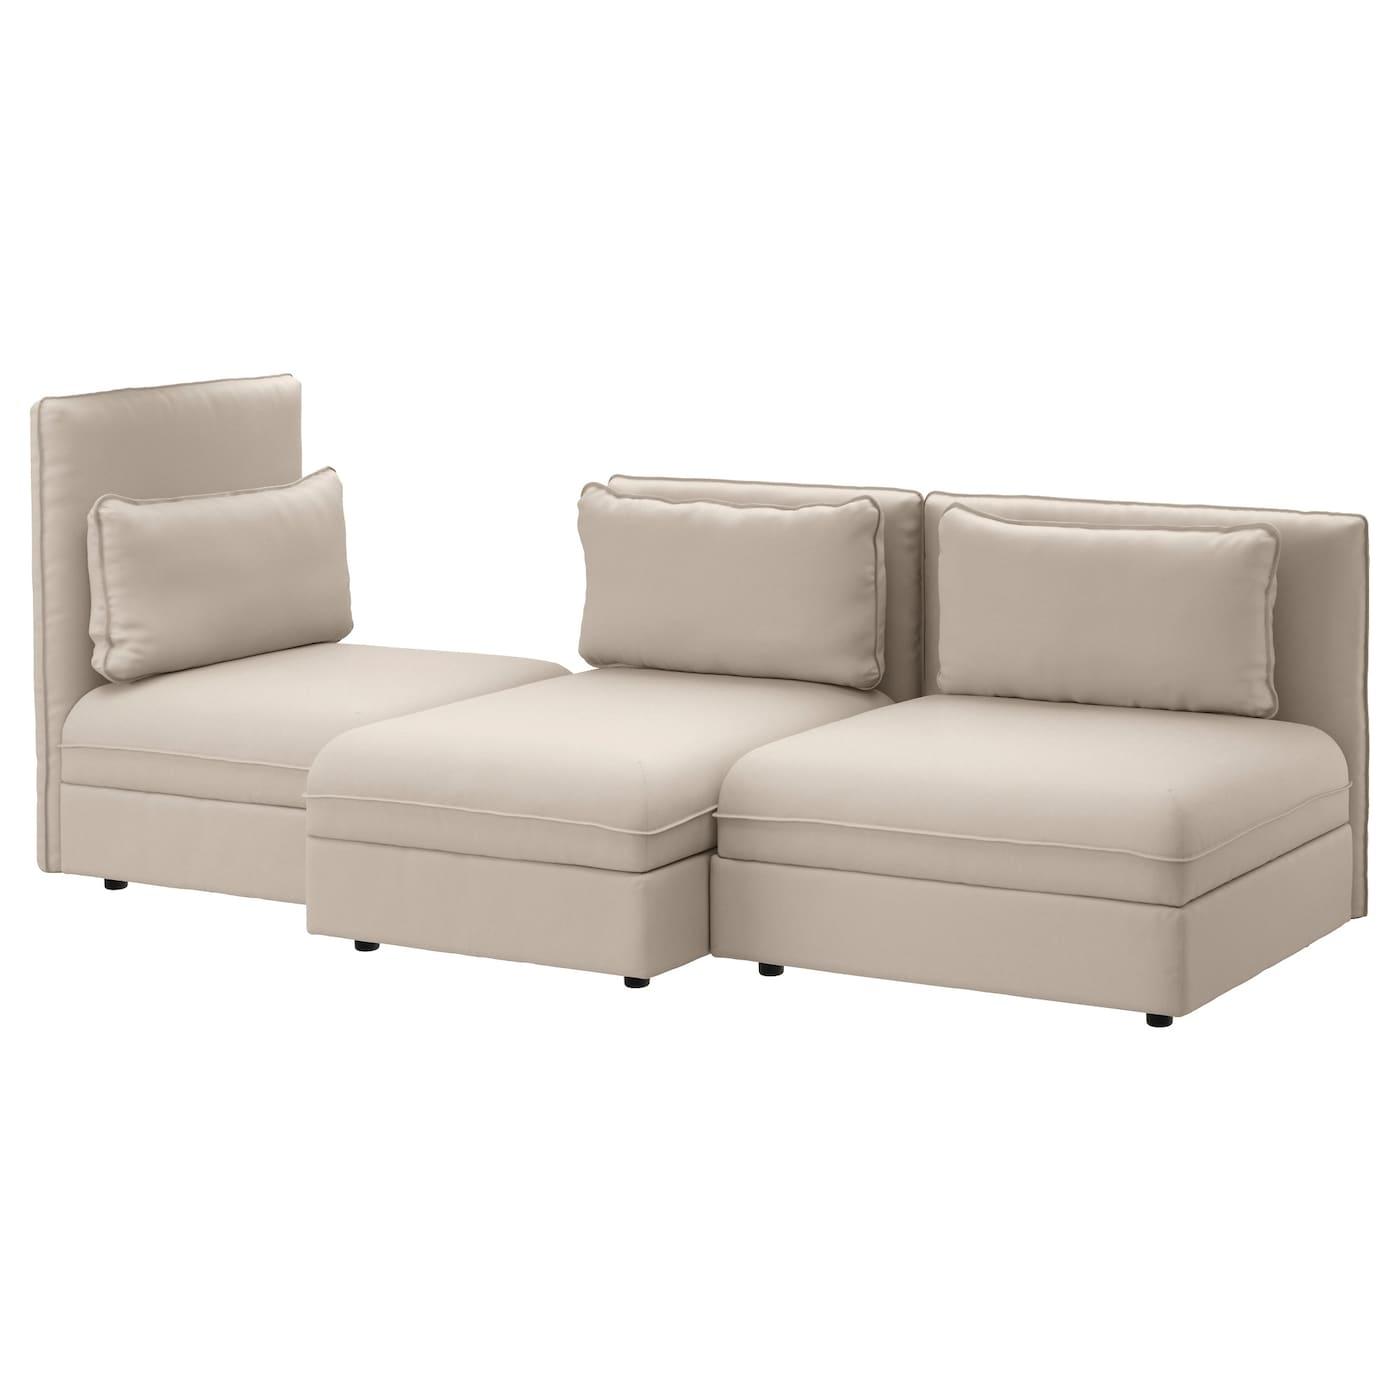 Vallentuna 3 seat sofa ramna dark beige ikea for Dark beige sectional sofa